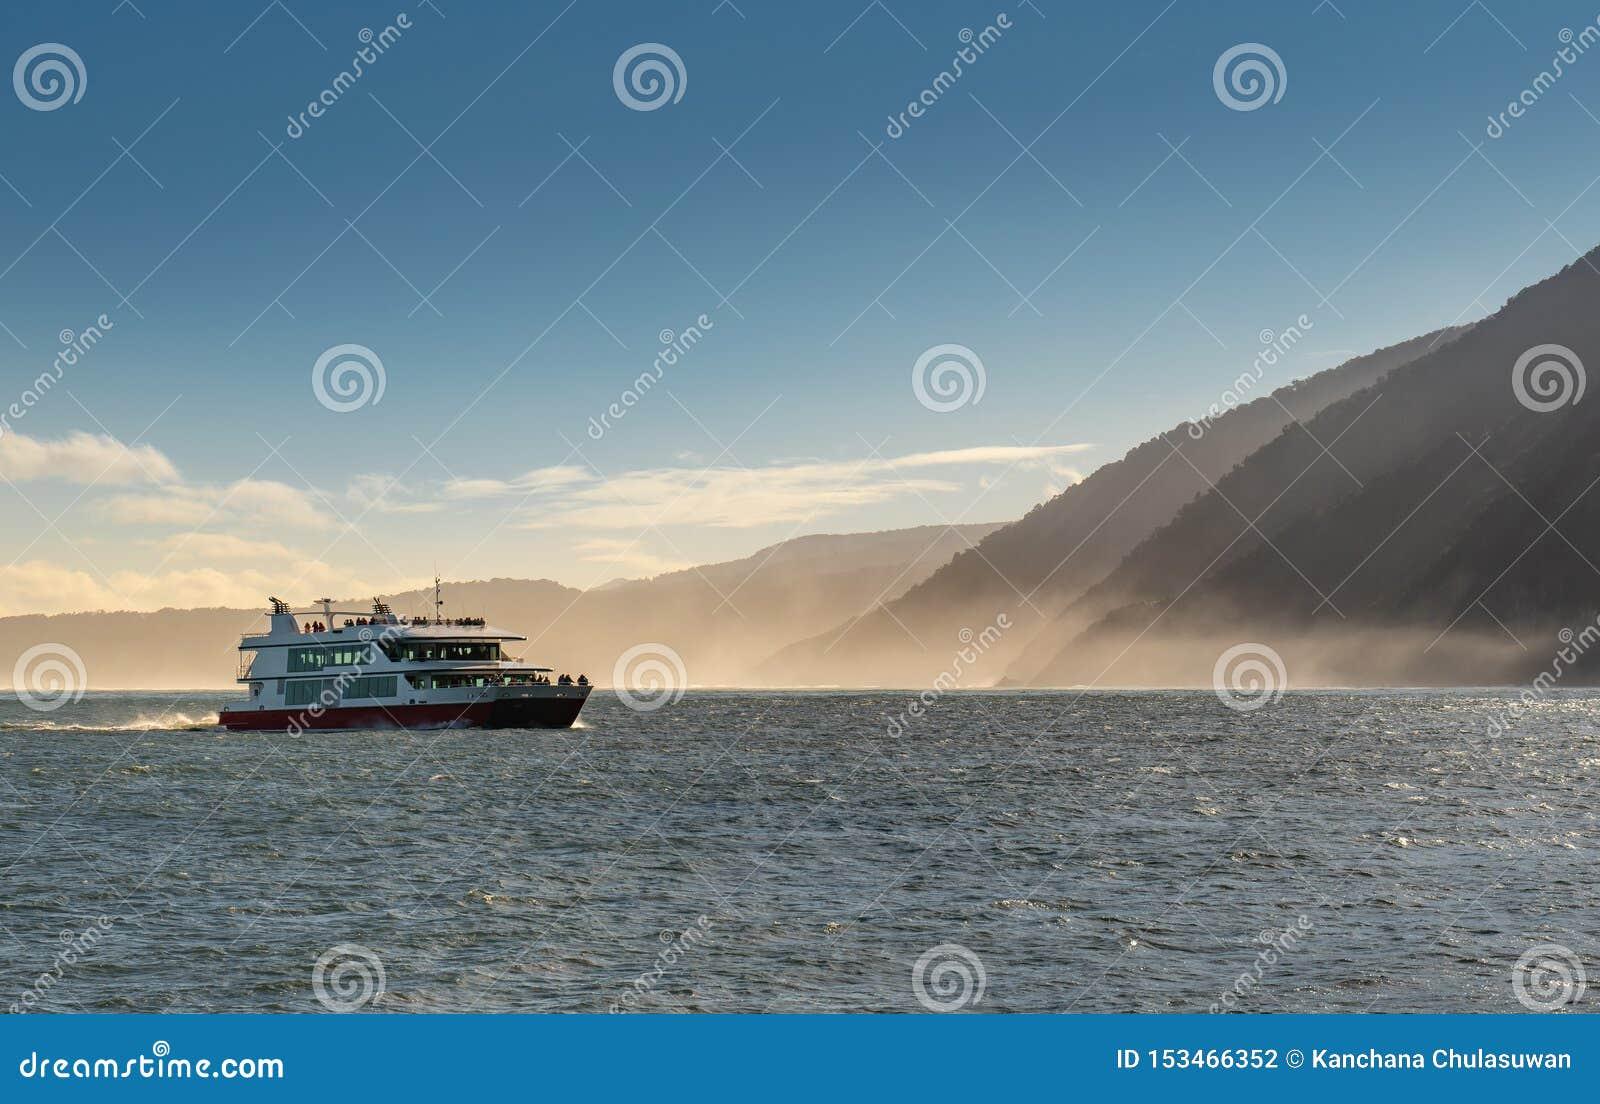 Milford Sound con el parque nacional de Fiordland del barco de cruceros